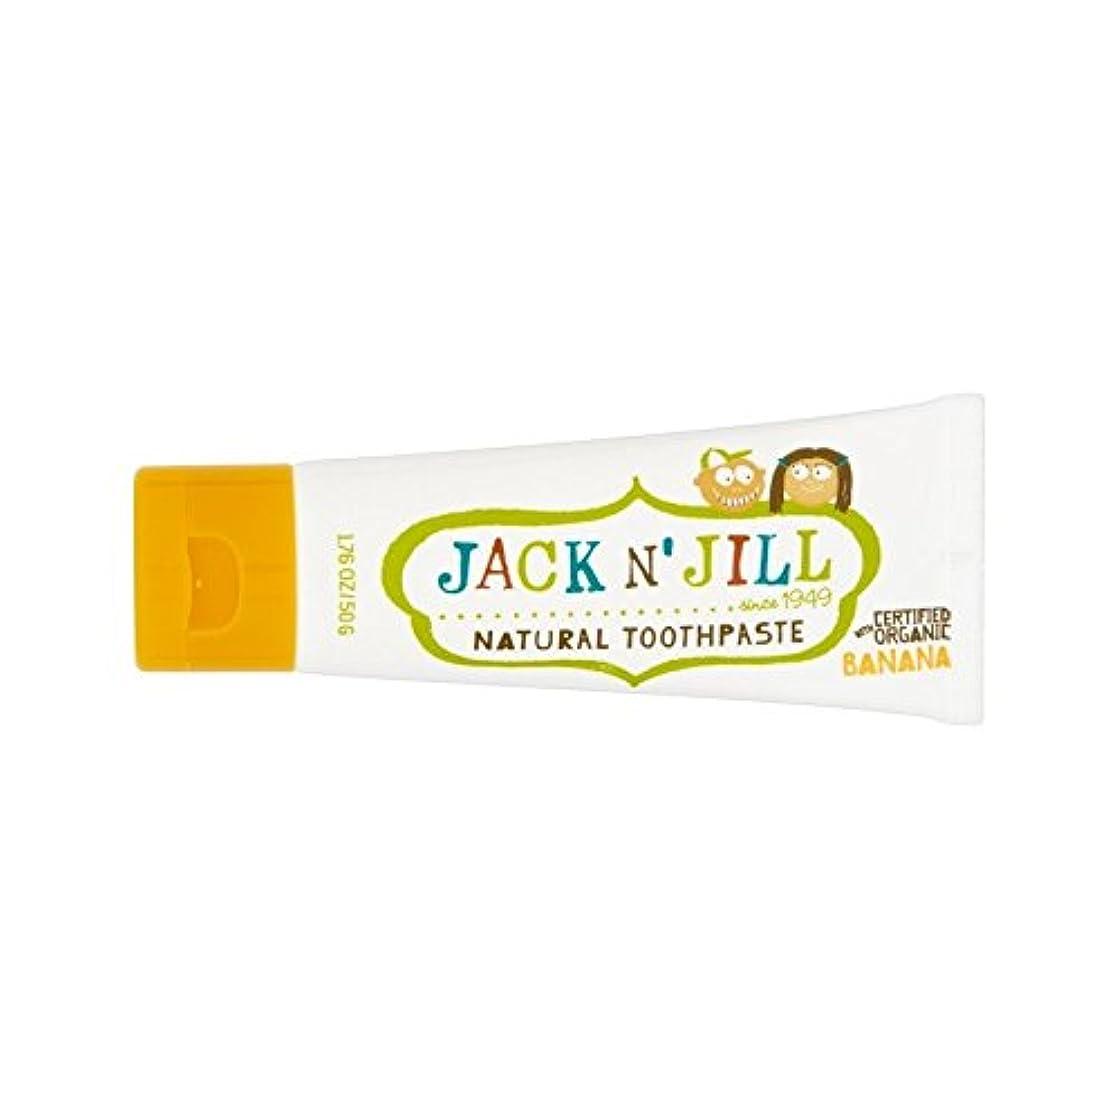 扱いやすいフェデレーション住む有機香味50グラムと自然バナナ歯磨き粉 (Jack N Jill) - Jack N' Jill Banana Toothpaste Natural with Organic Flavouring 50g [並行輸入品]